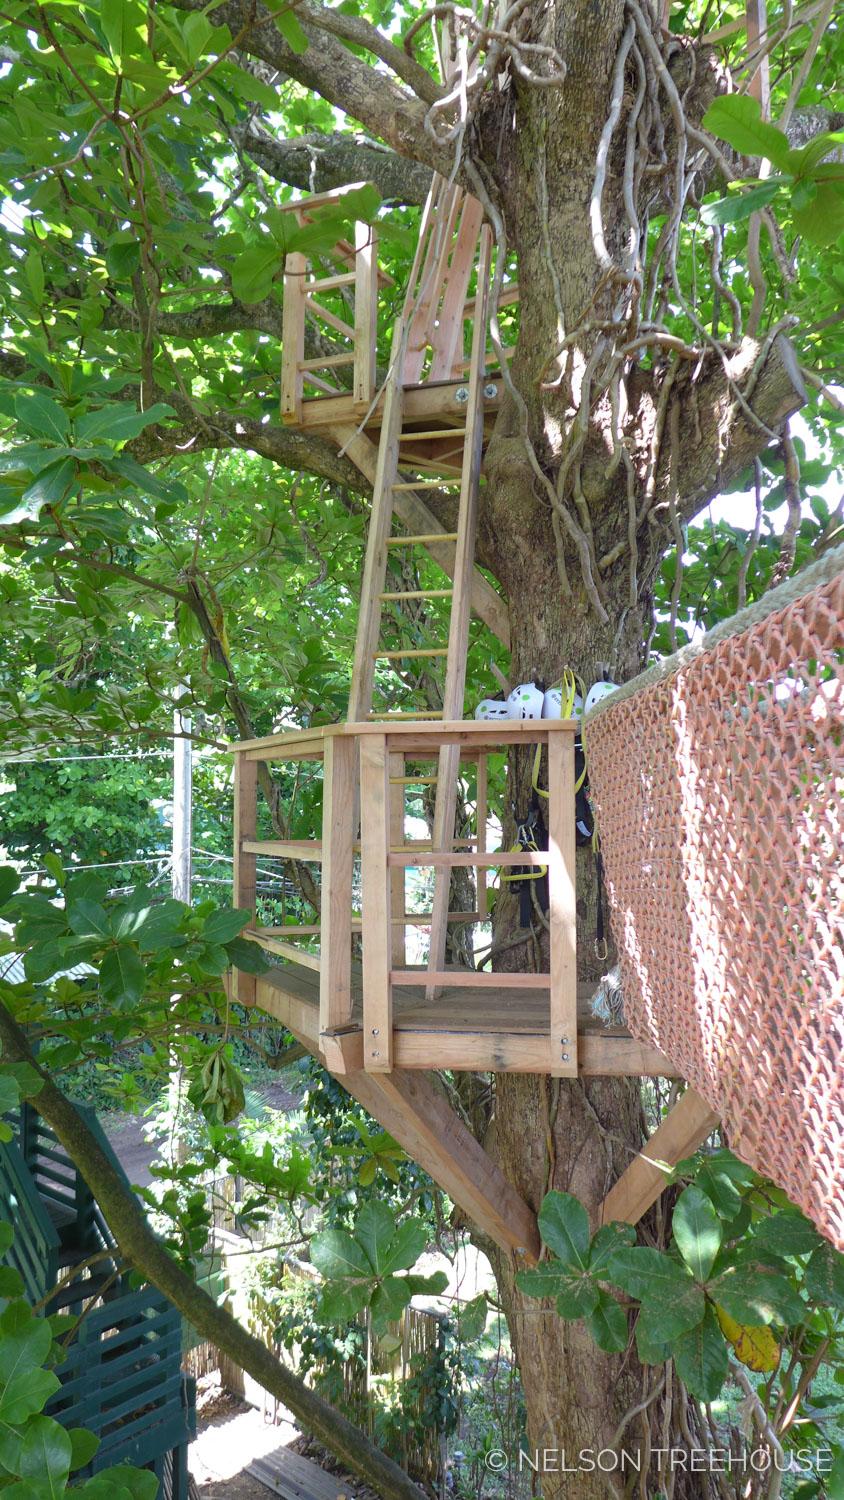 Kauai-Nelson-Treehouse-2018-237.jpg